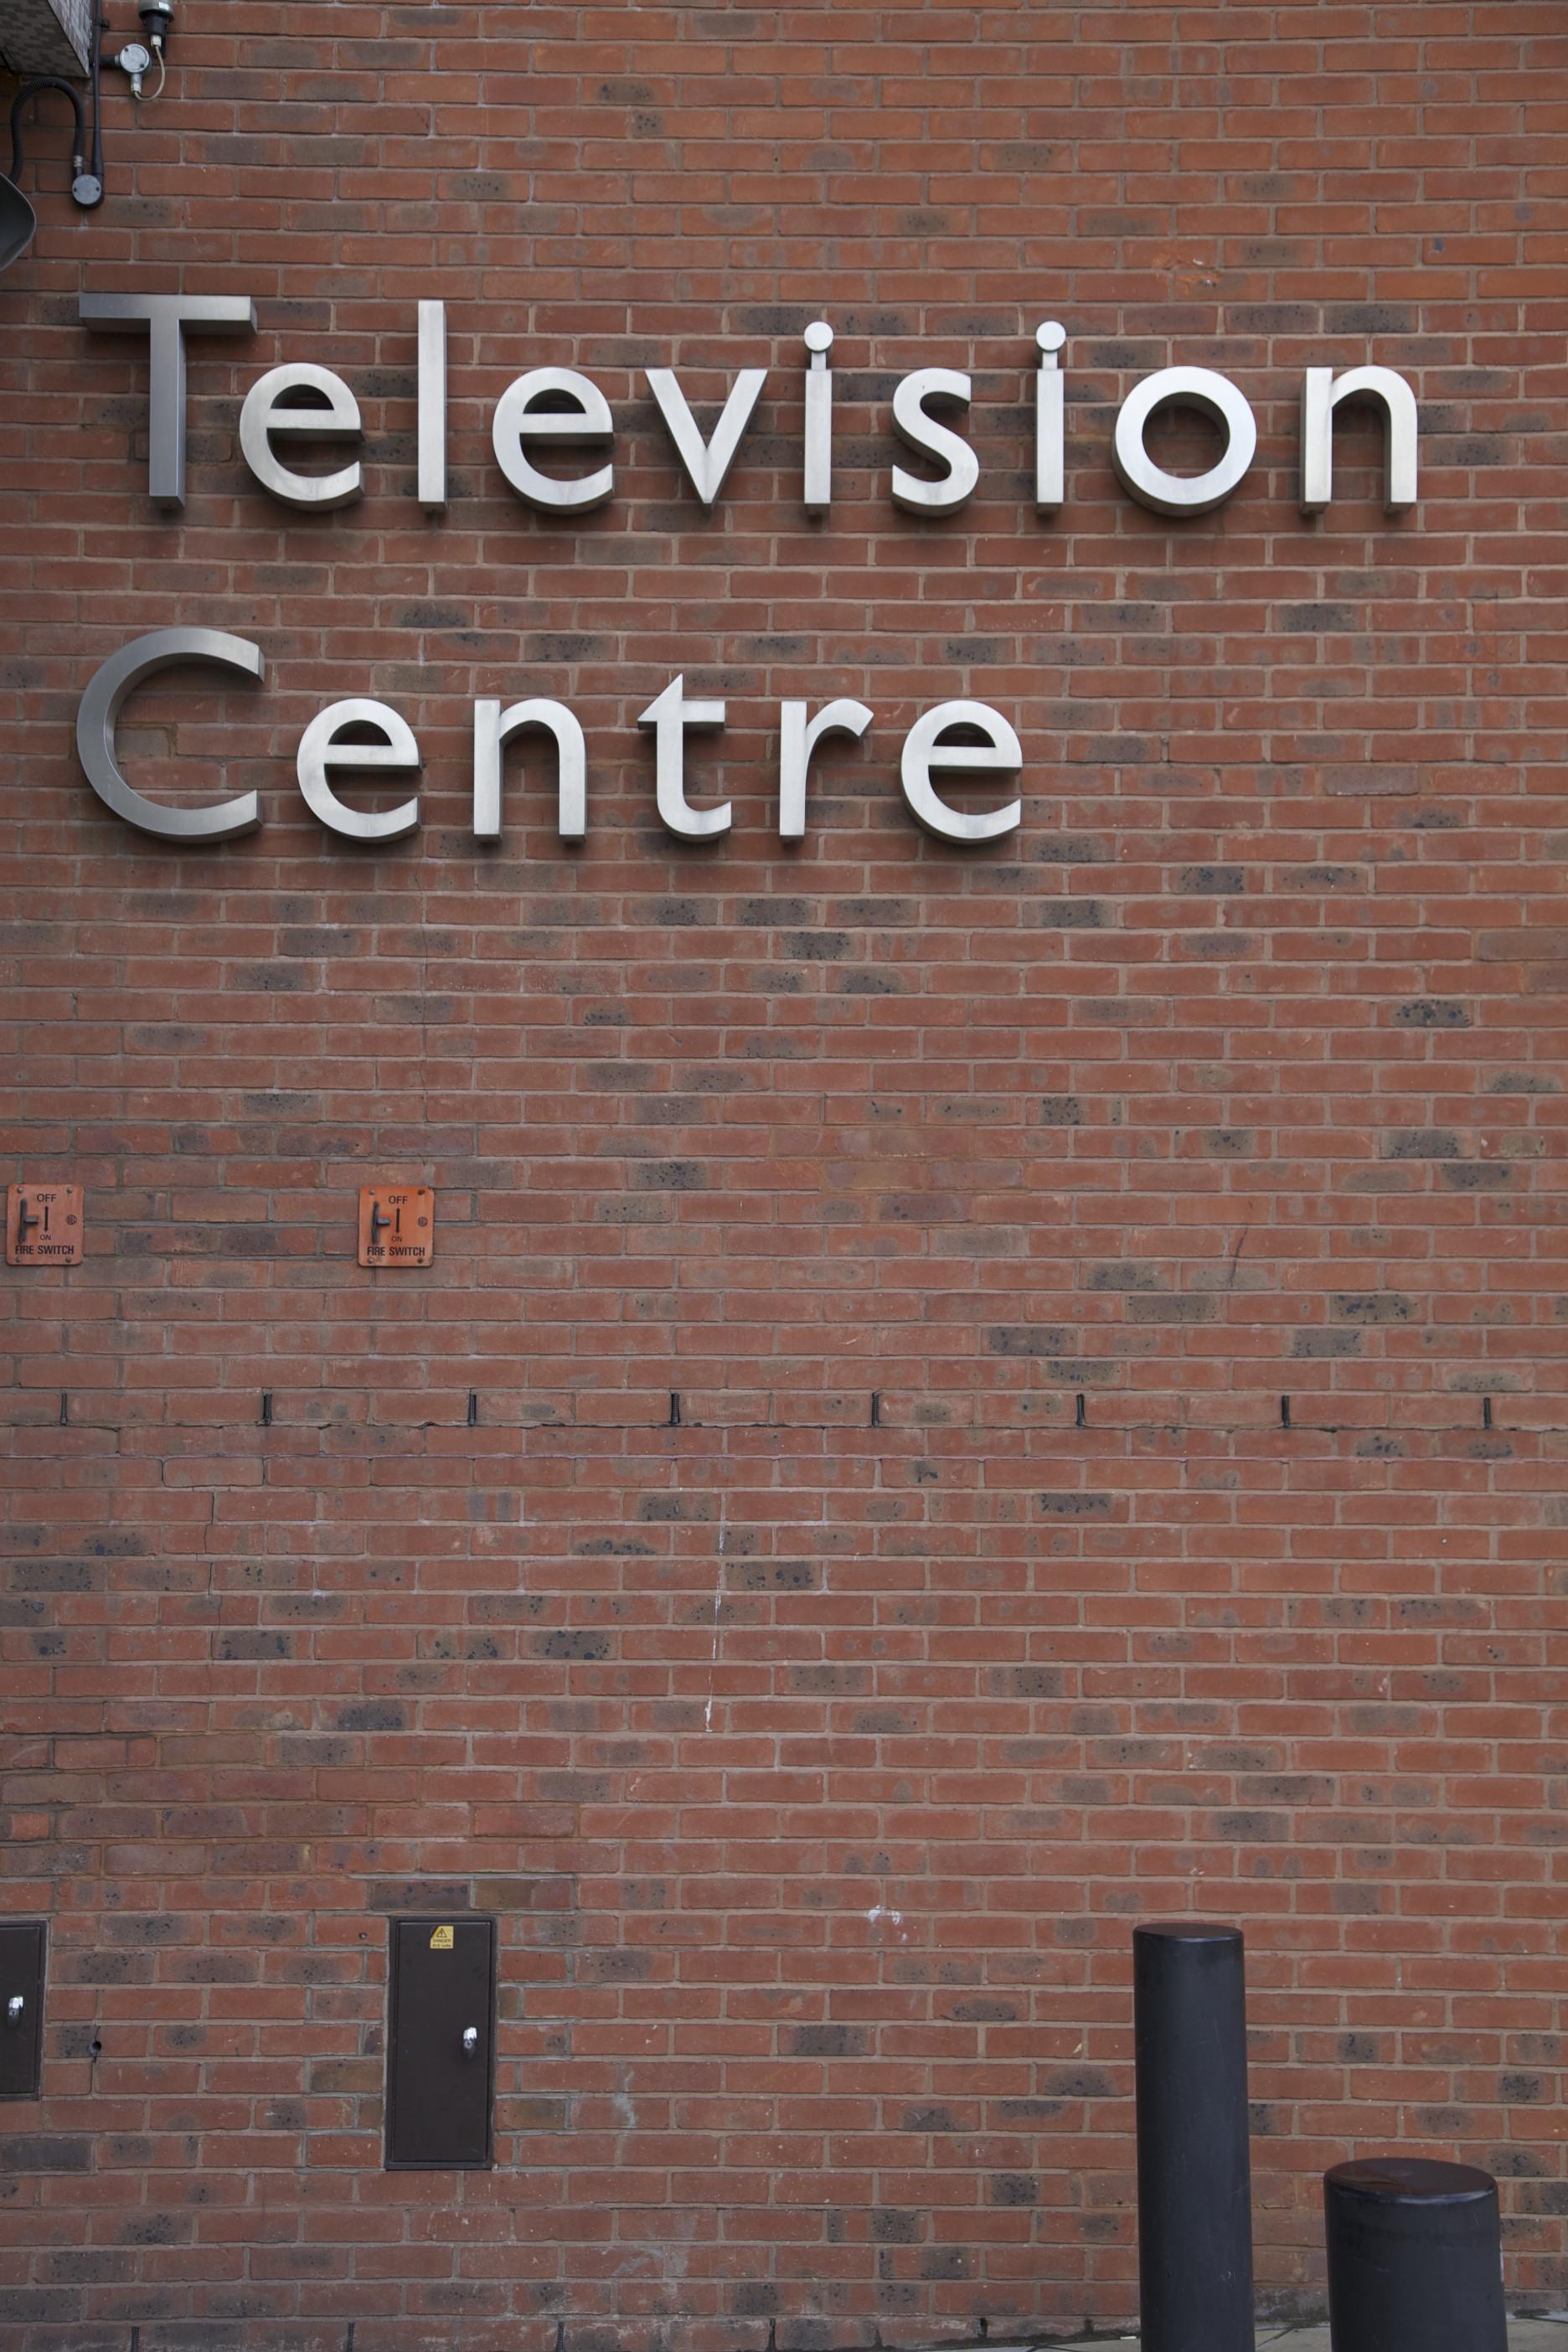 Outside BBC Television Centre.